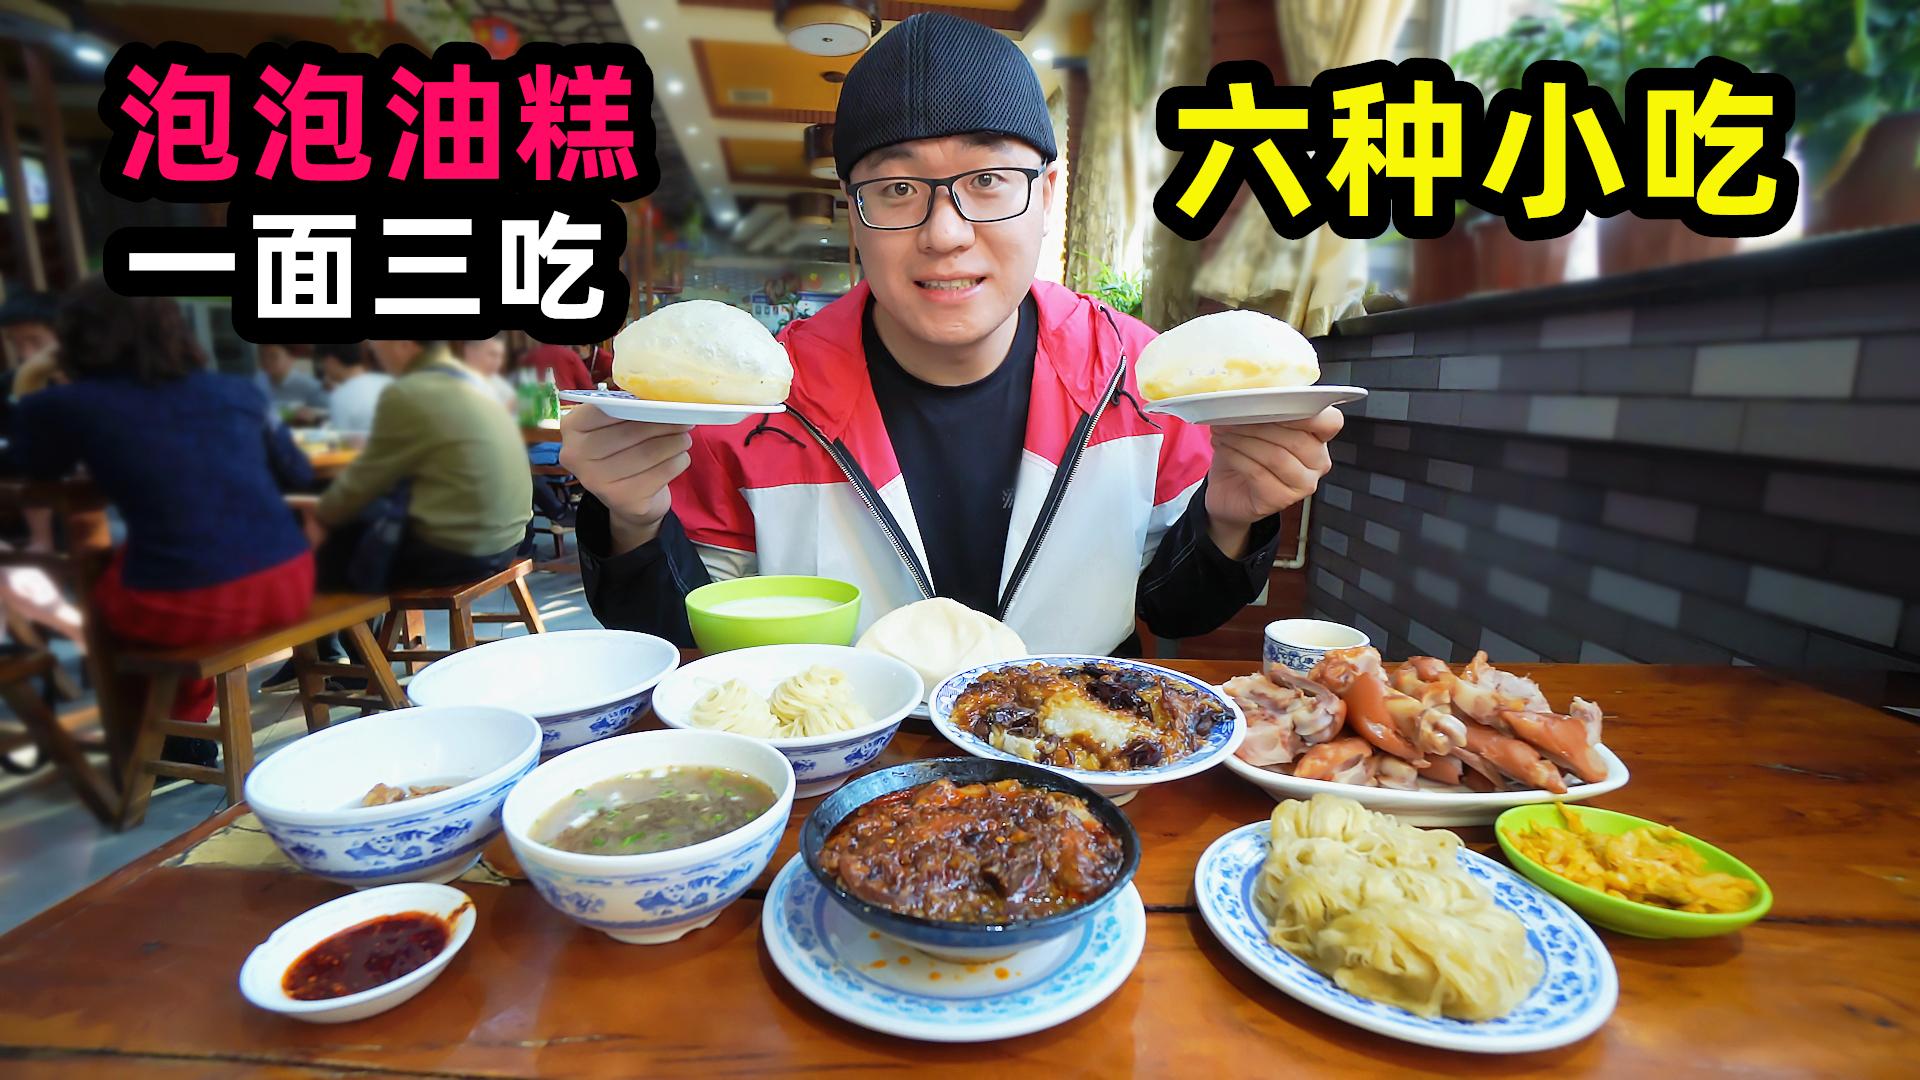 一碗面3种吃法,泡泡油糕甑糕香甜,阿星吃6种小吃,陕西三原美食